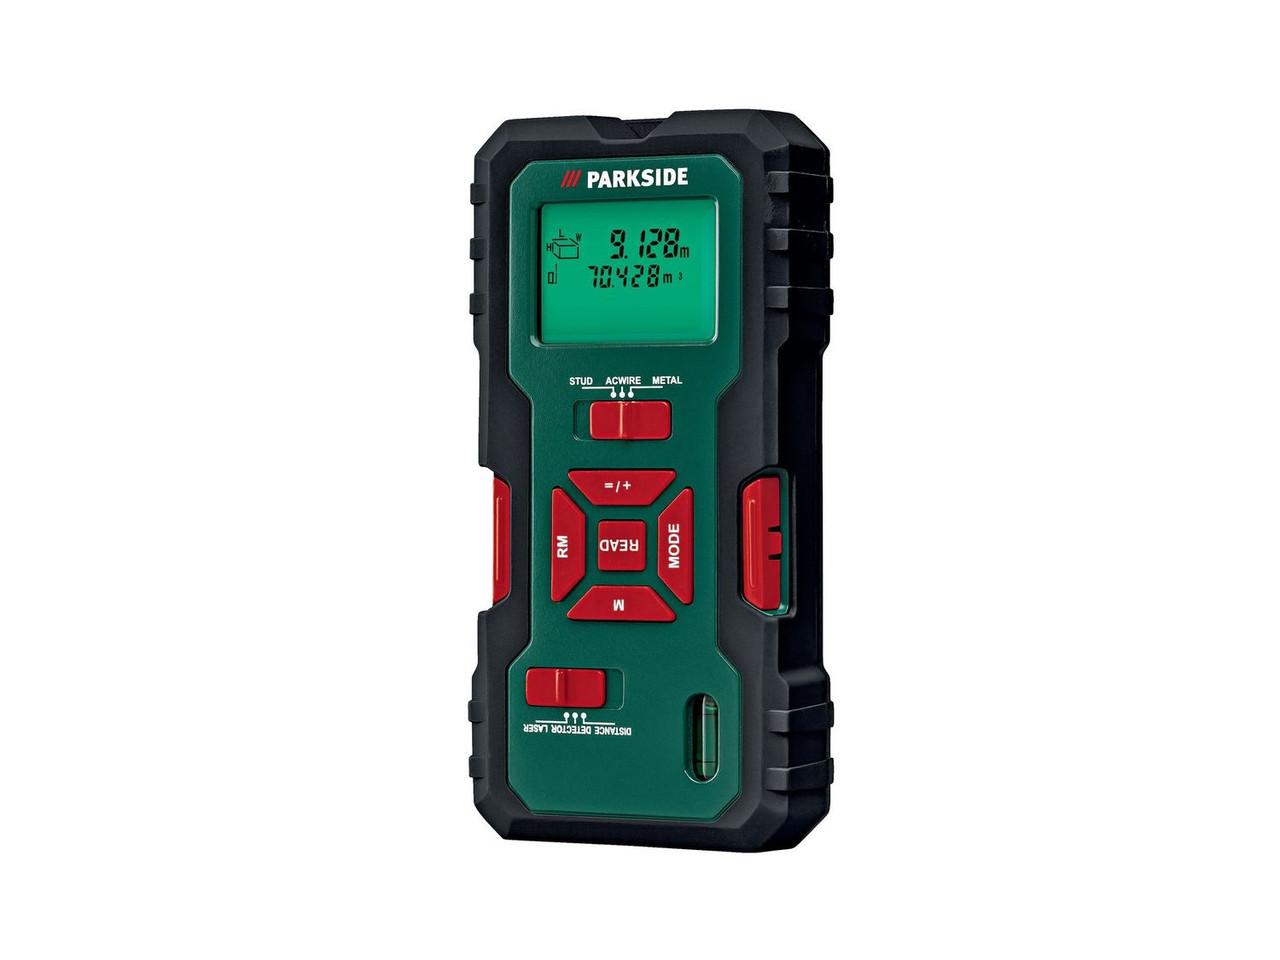 Многофункциональный детектор / лазерный дальномер PARKSIDE® PMML 5 A1